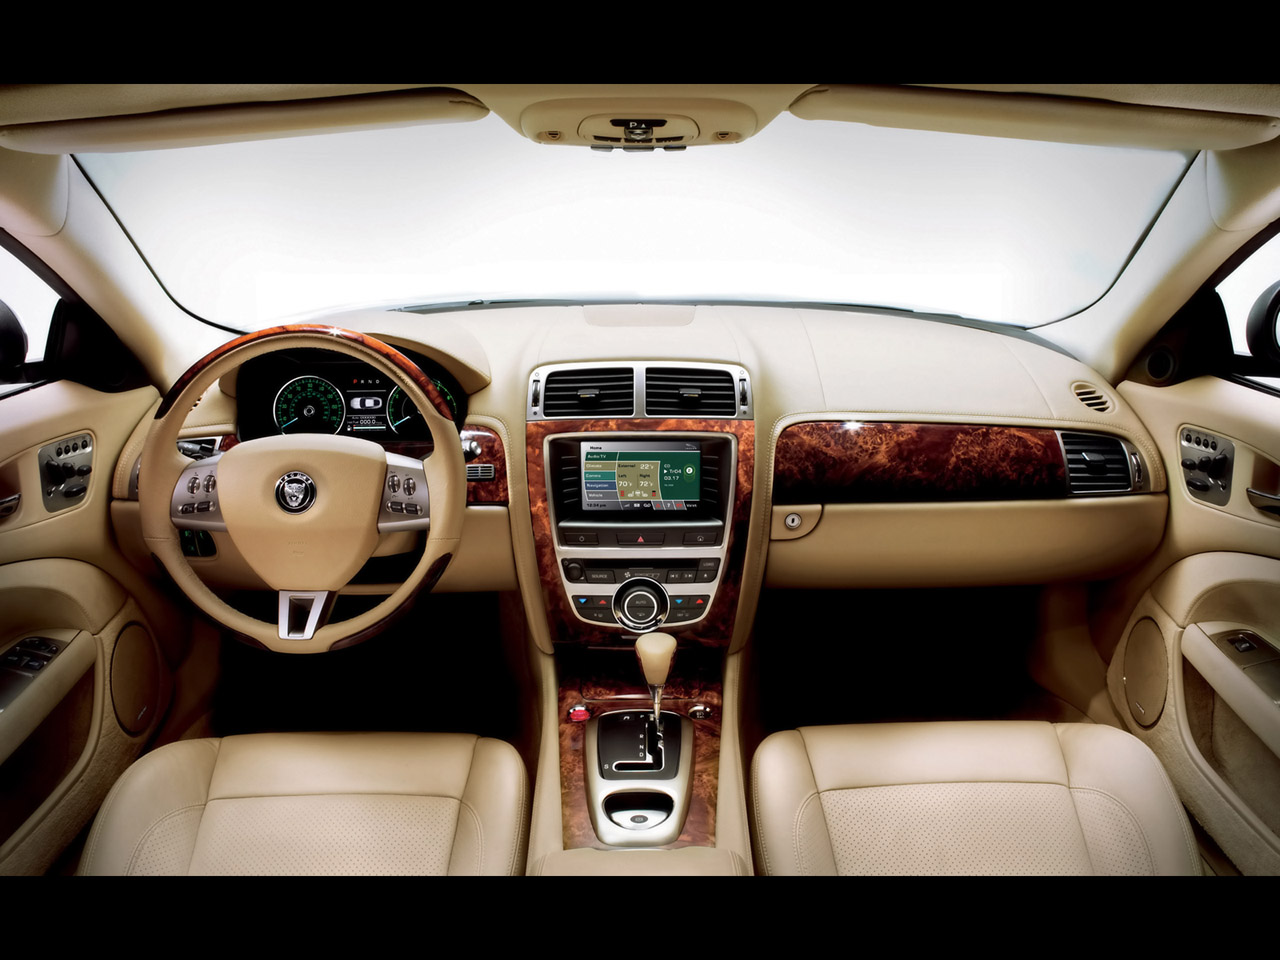 http://2.bp.blogspot.com/_bqUFmud0syE/TAd-BPGkAuI/AAAAAAAAAac/CzoXMrUeZ88/s1600/2007-Jaguar-XK-Interior-1280x960.jpg